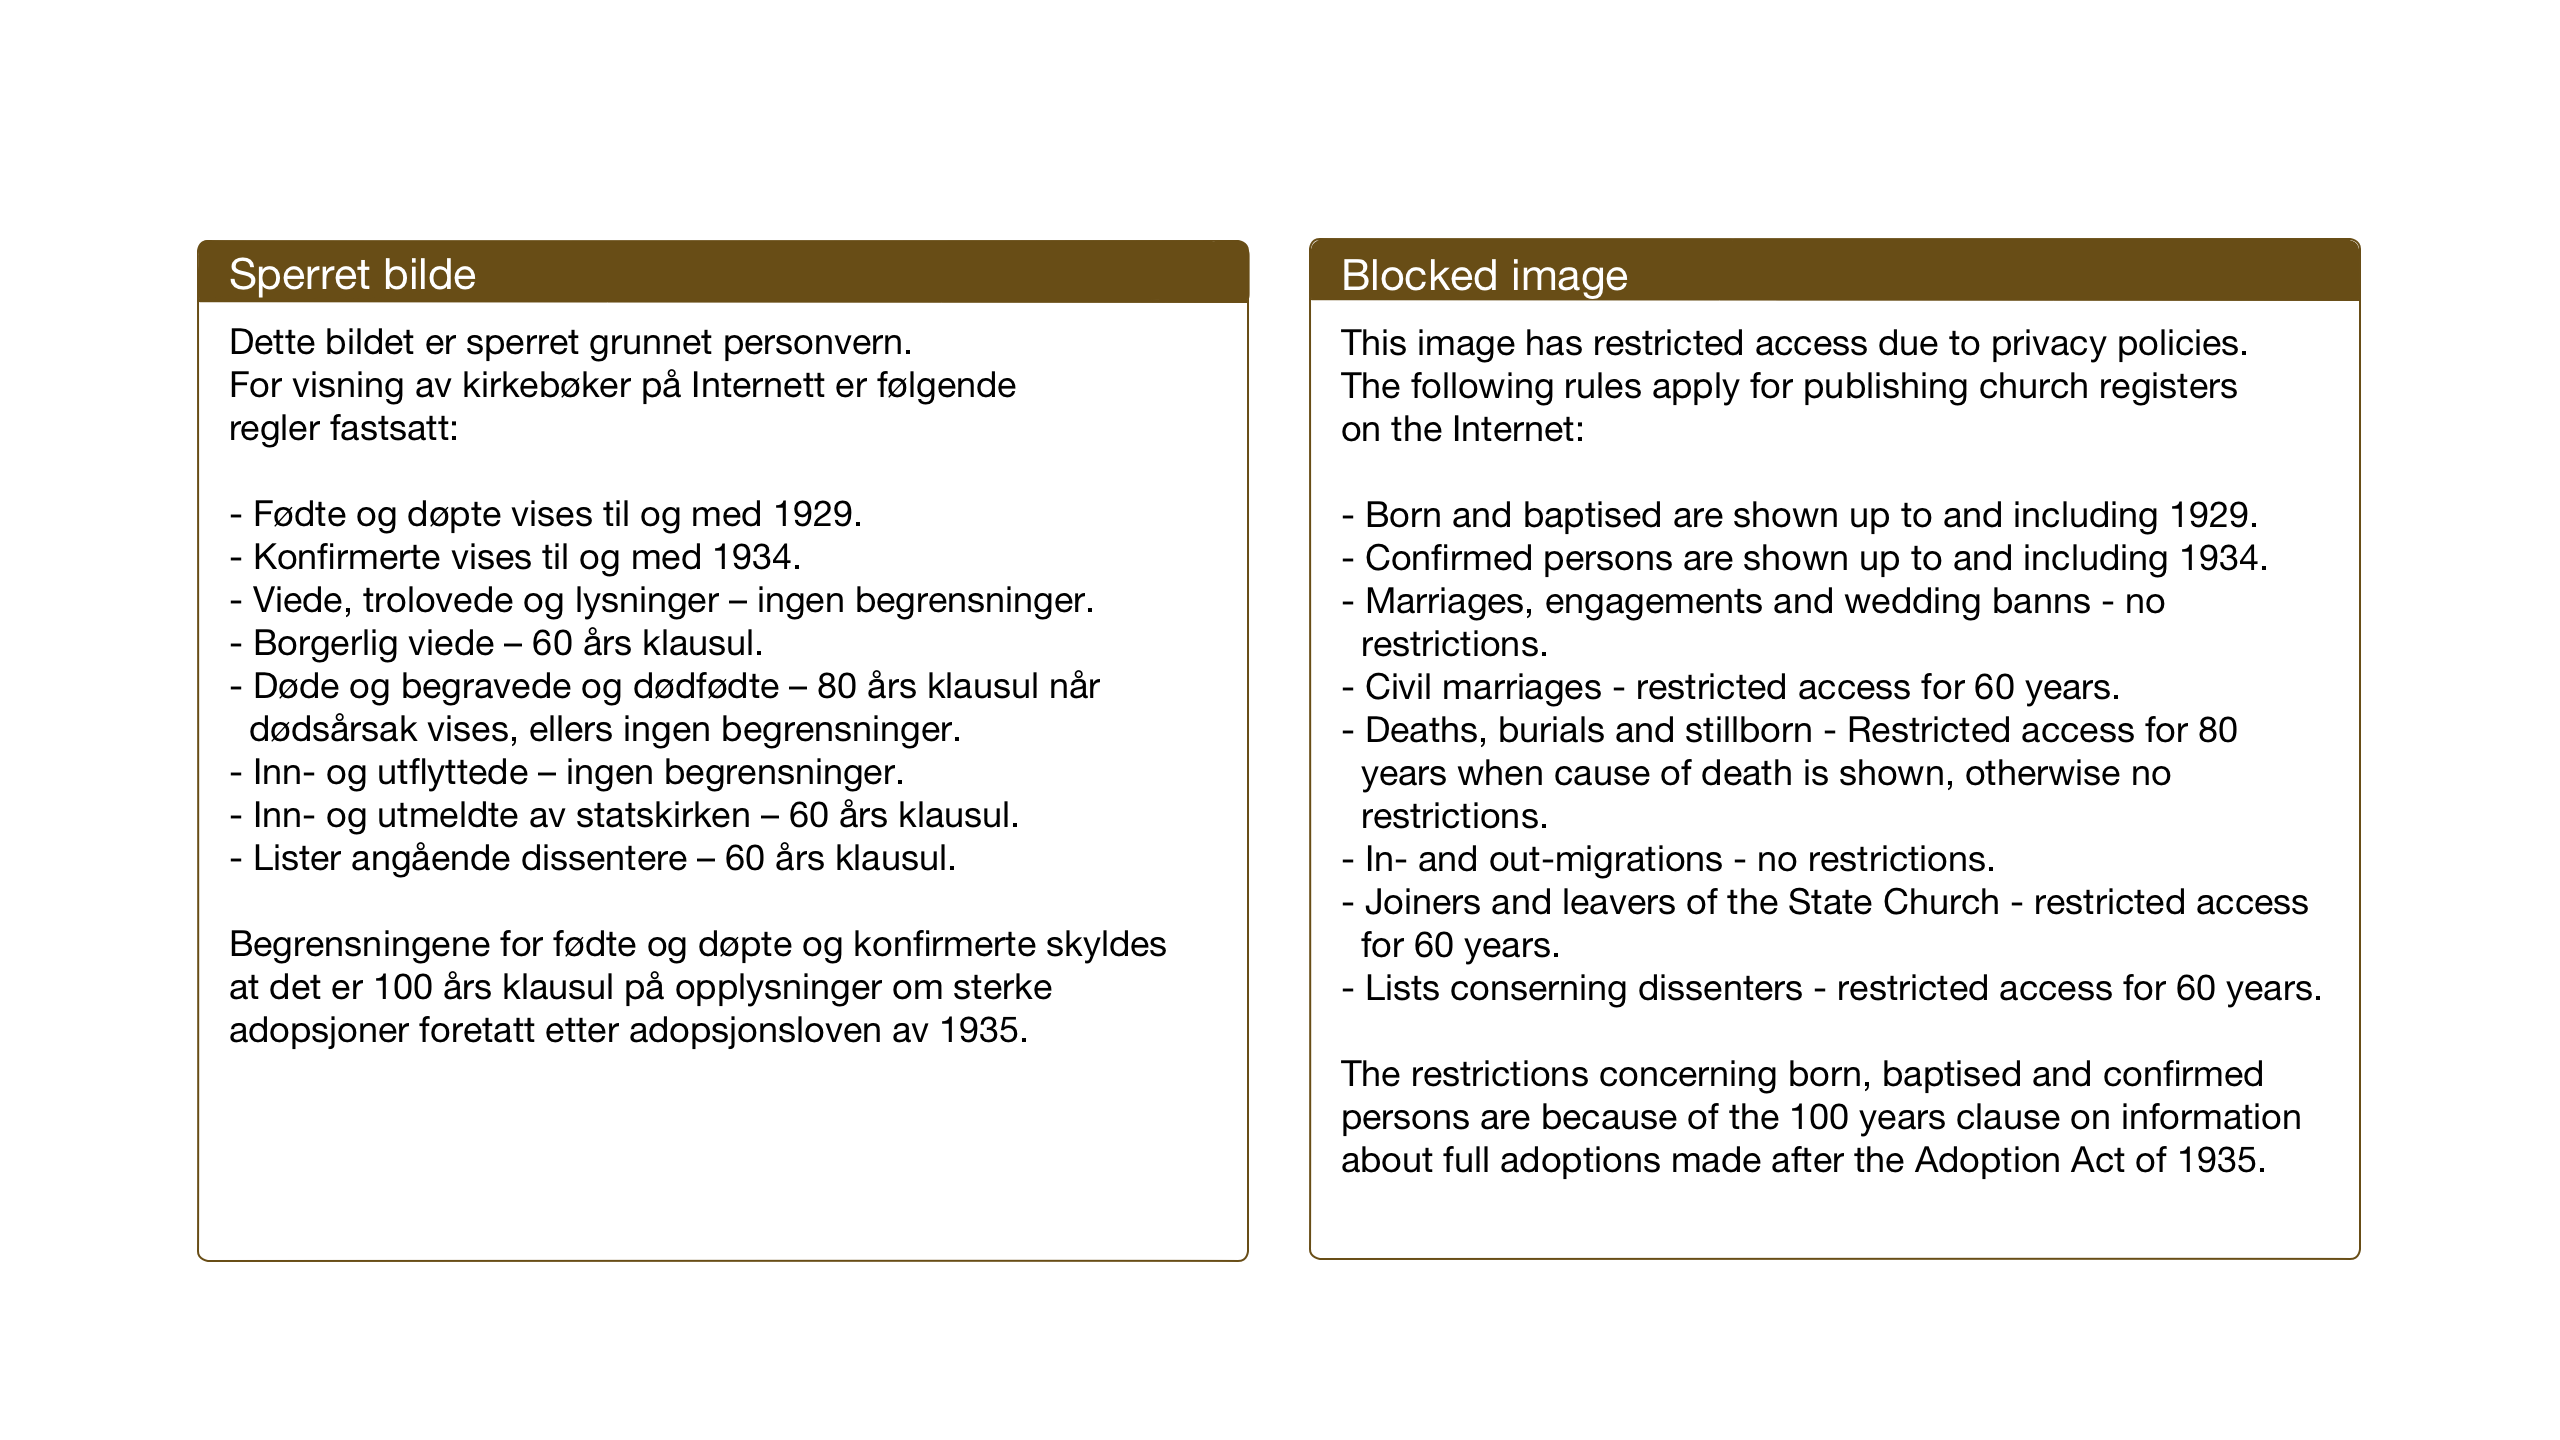 SAT, Ministerialprotokoller, klokkerbøker og fødselsregistre - Sør-Trøndelag, 608/L0343: Klokkerbok nr. 608C09, 1938-1952, s. 31